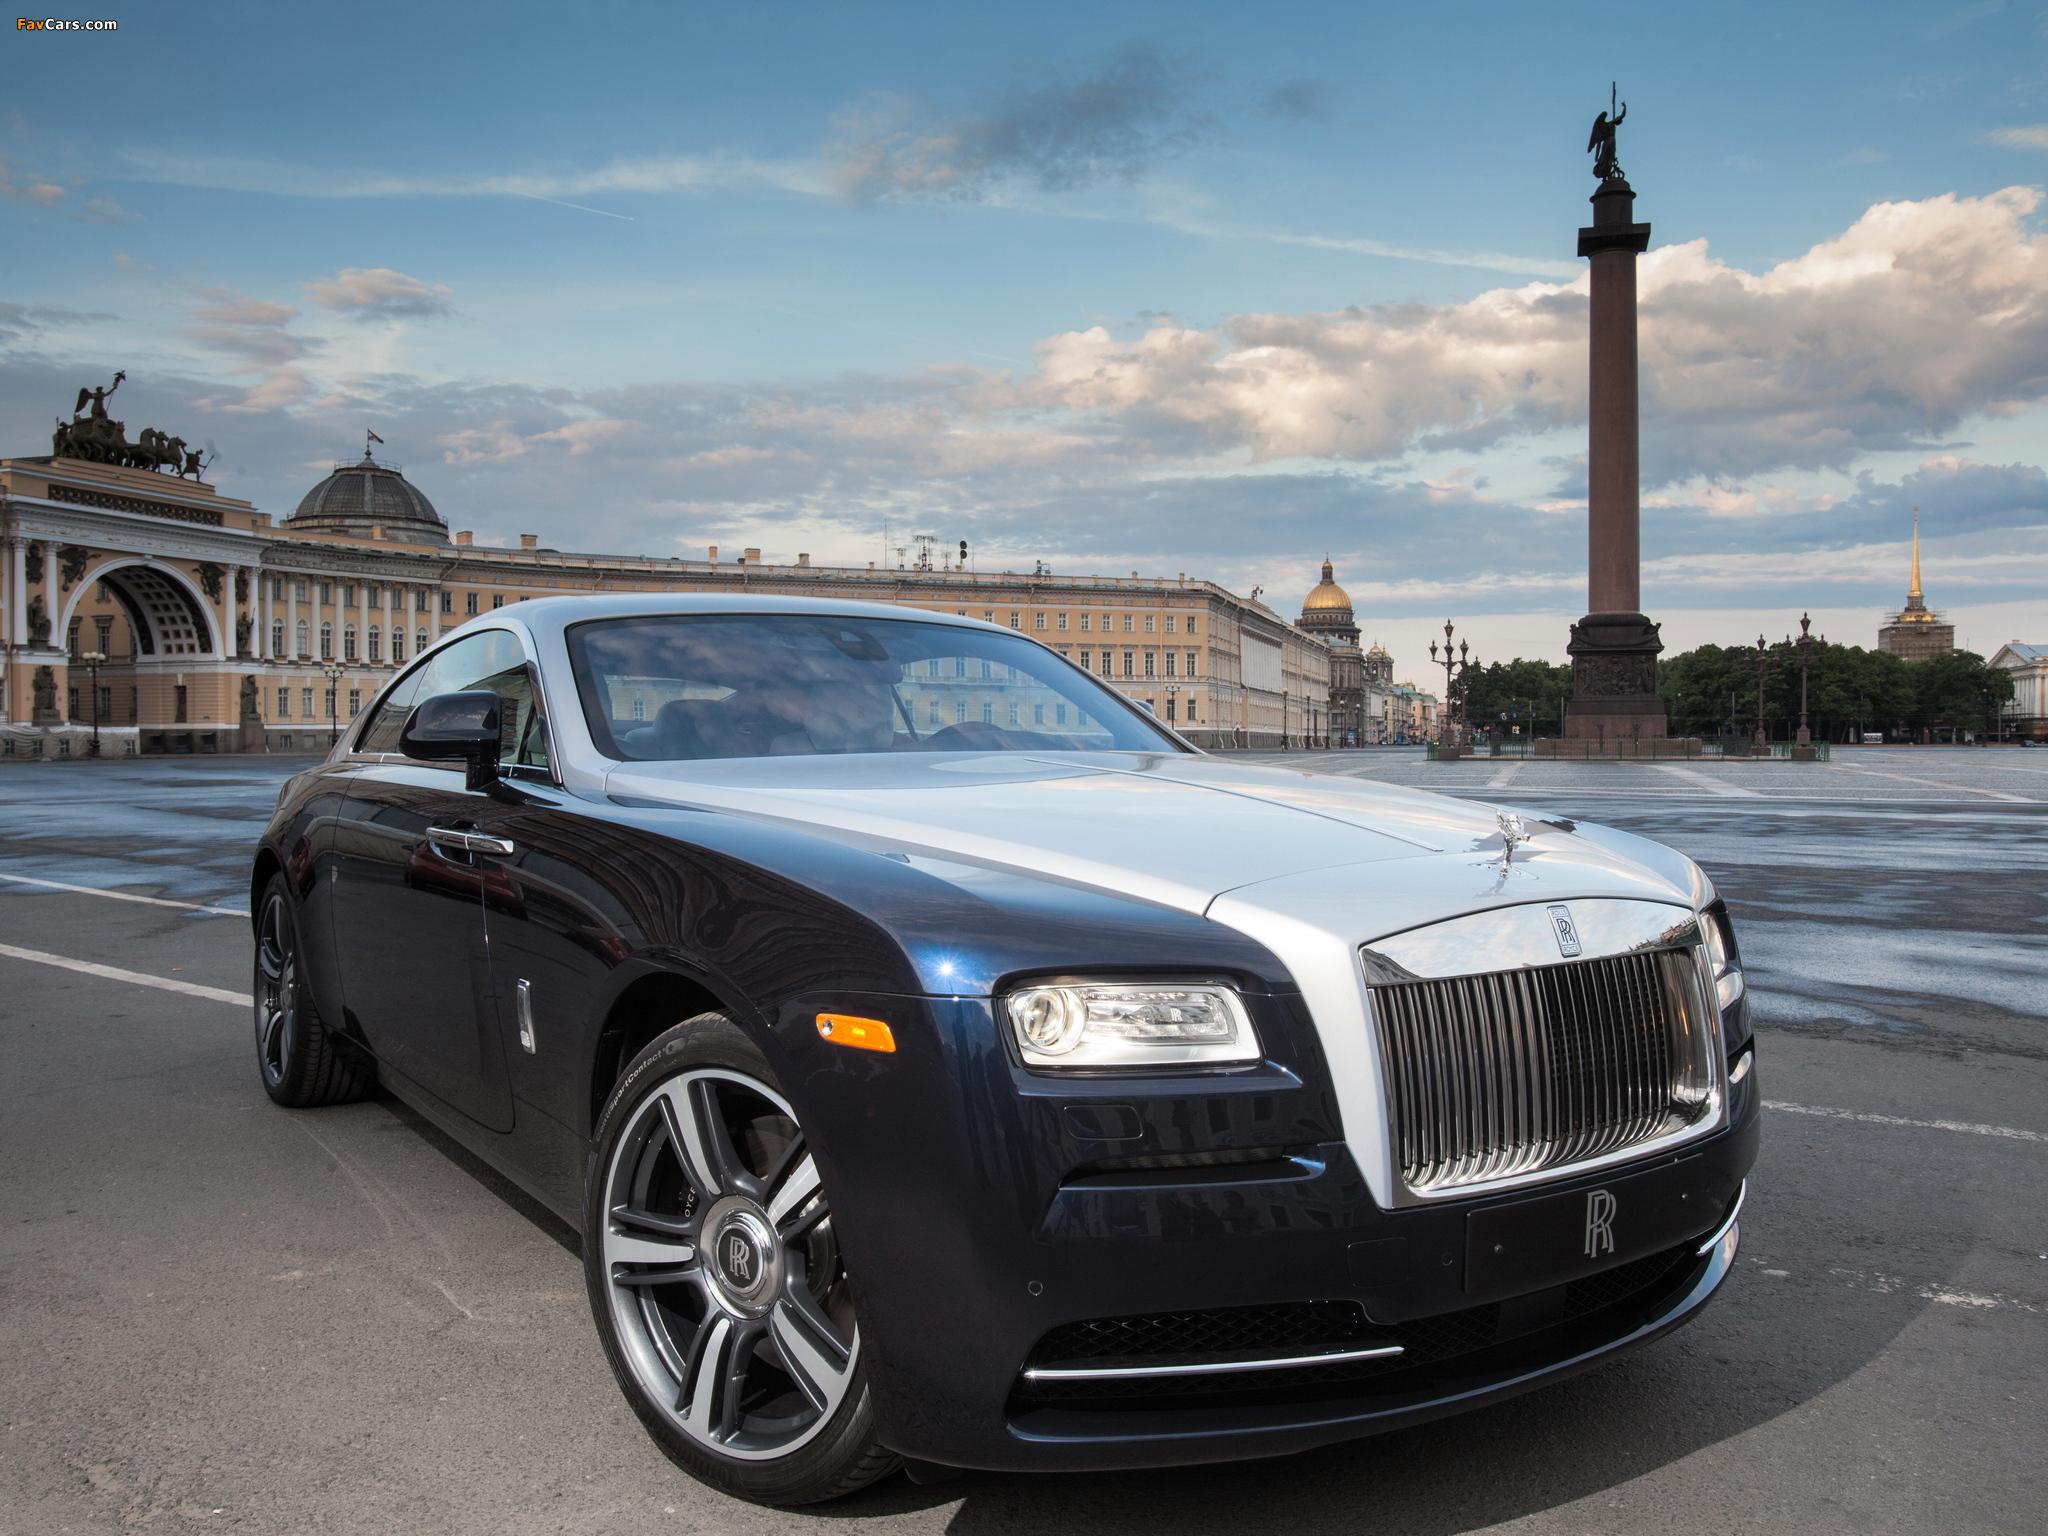 Rolls-Royce, Wraith, машина, передок обои скачать